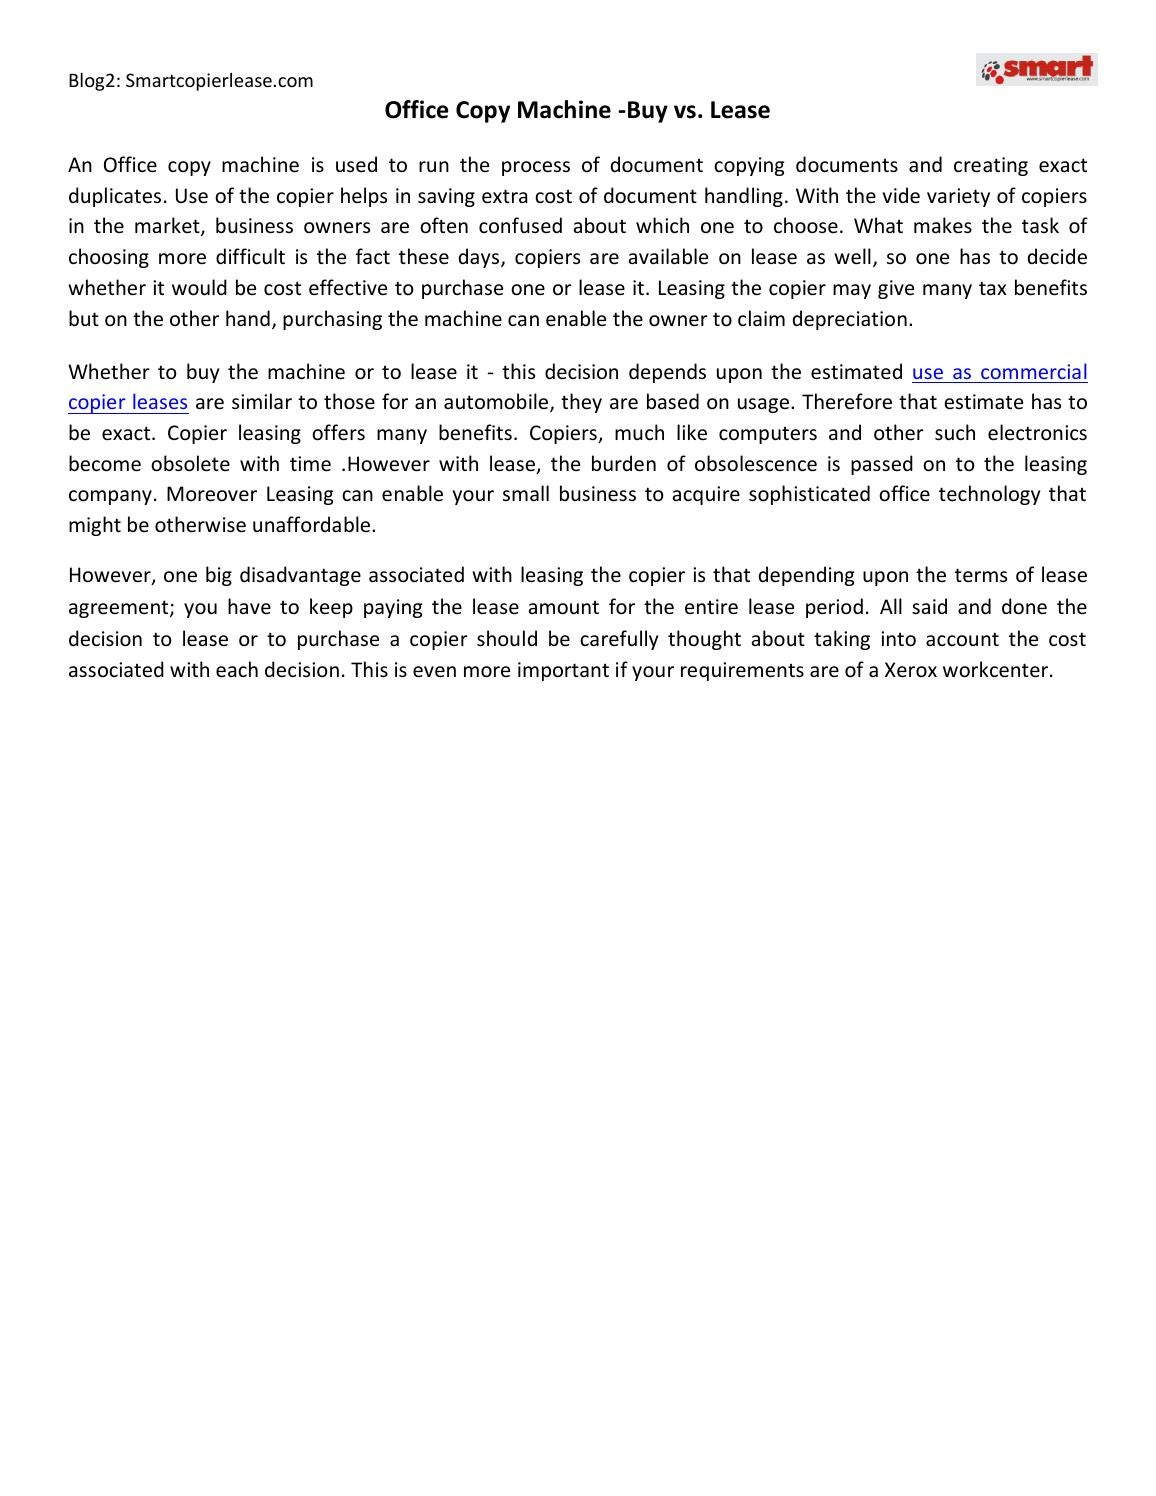 Office Copy Machine Buy Vs Lease By Smartcopierlease Issuu